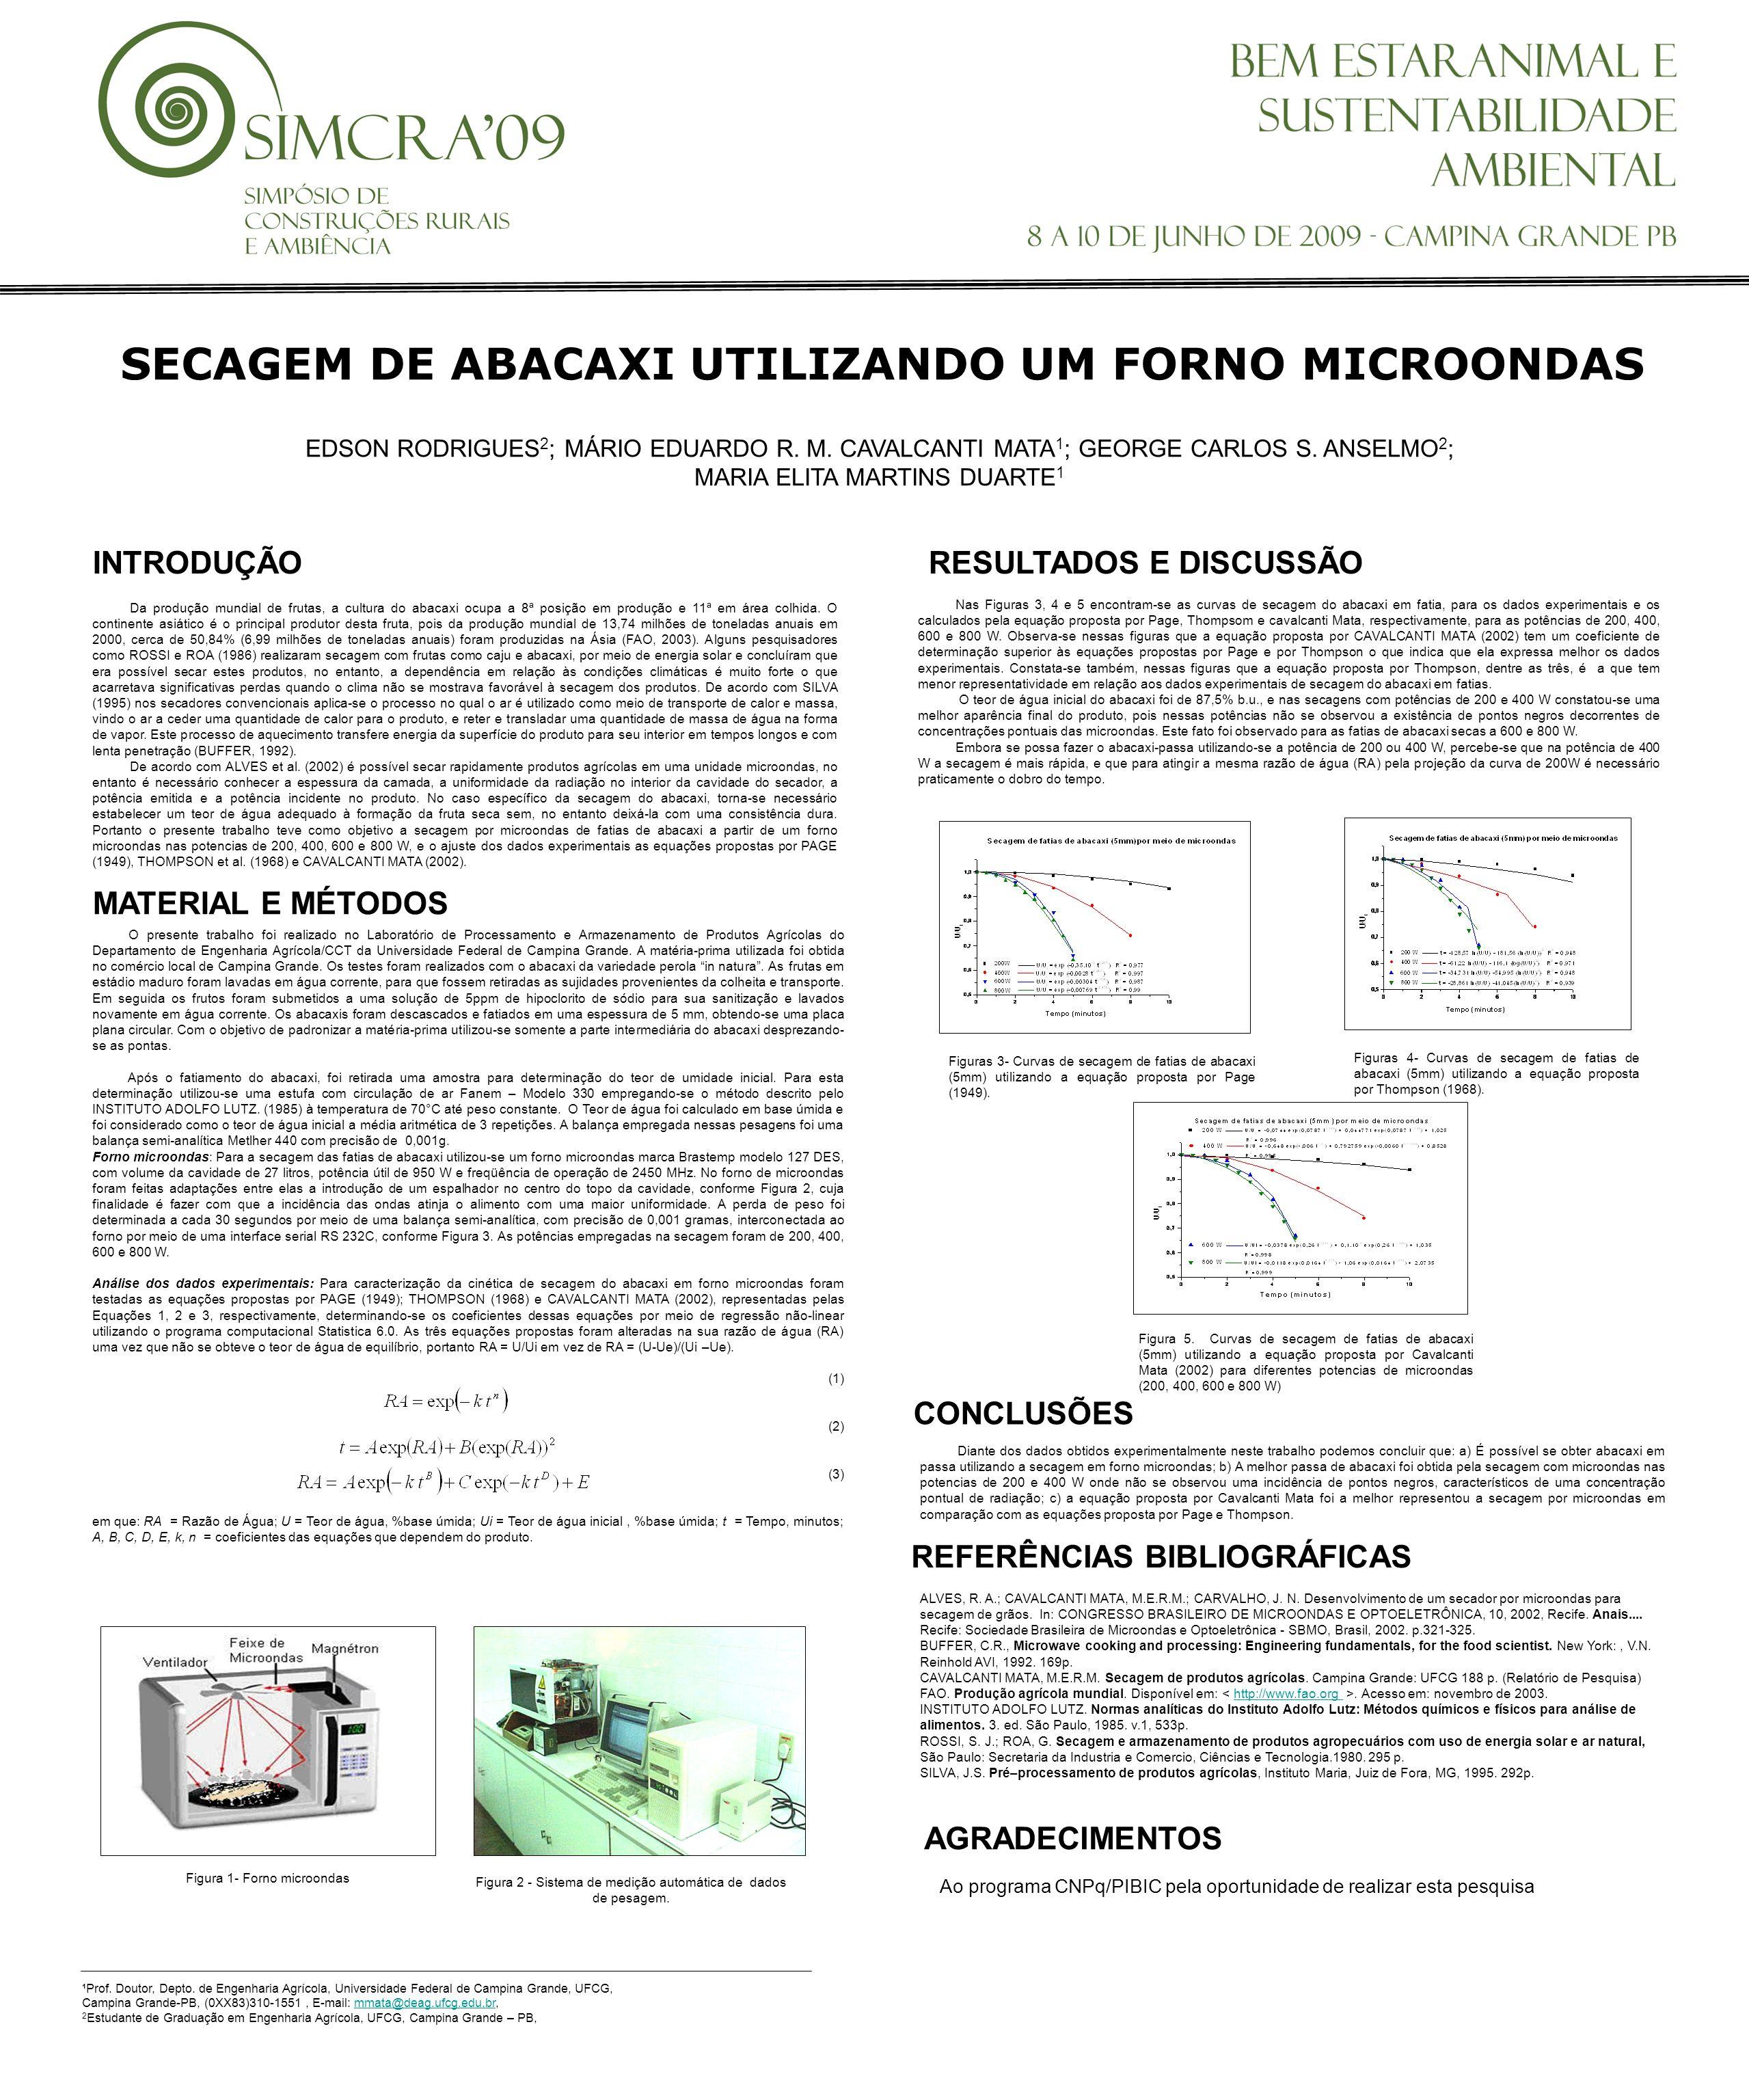 SECAGEM DE ABACAXI UTILIZANDO UM FORNO MICROONDAS